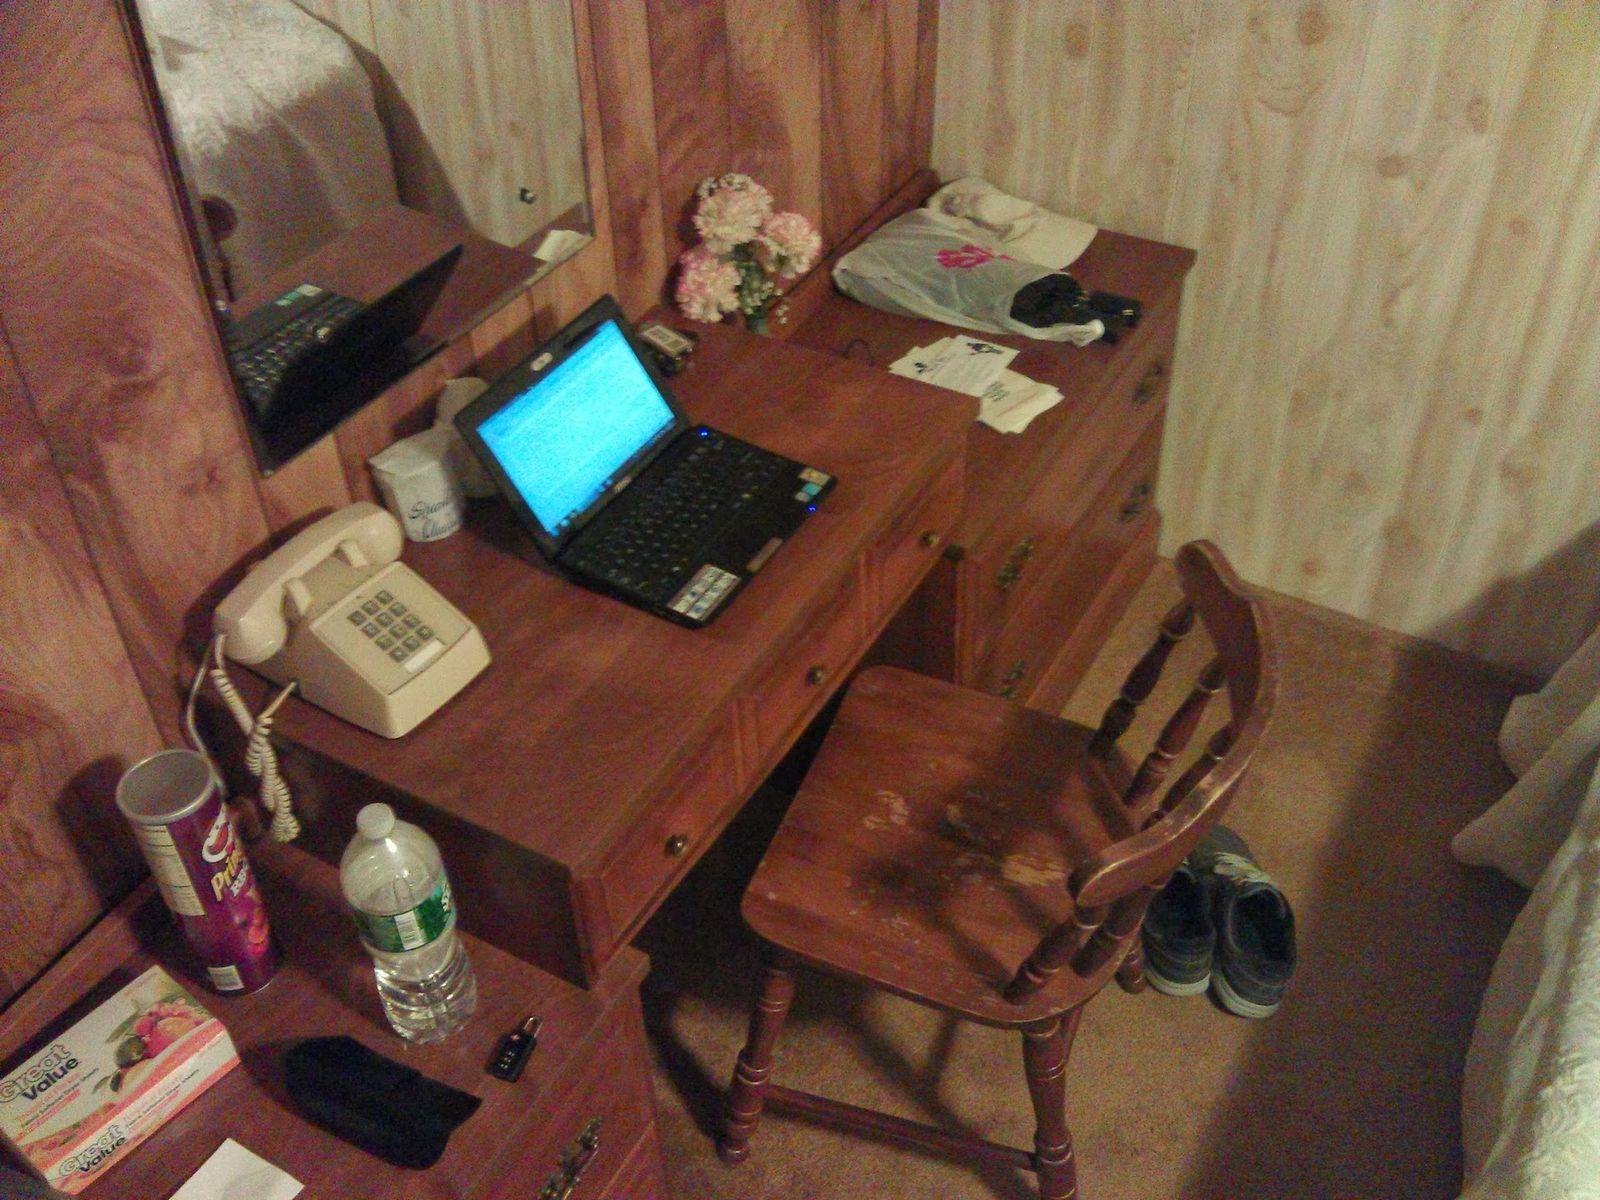 Cambiemos portátil por máquina de escribir, y ya estoy listo para una novela de terror